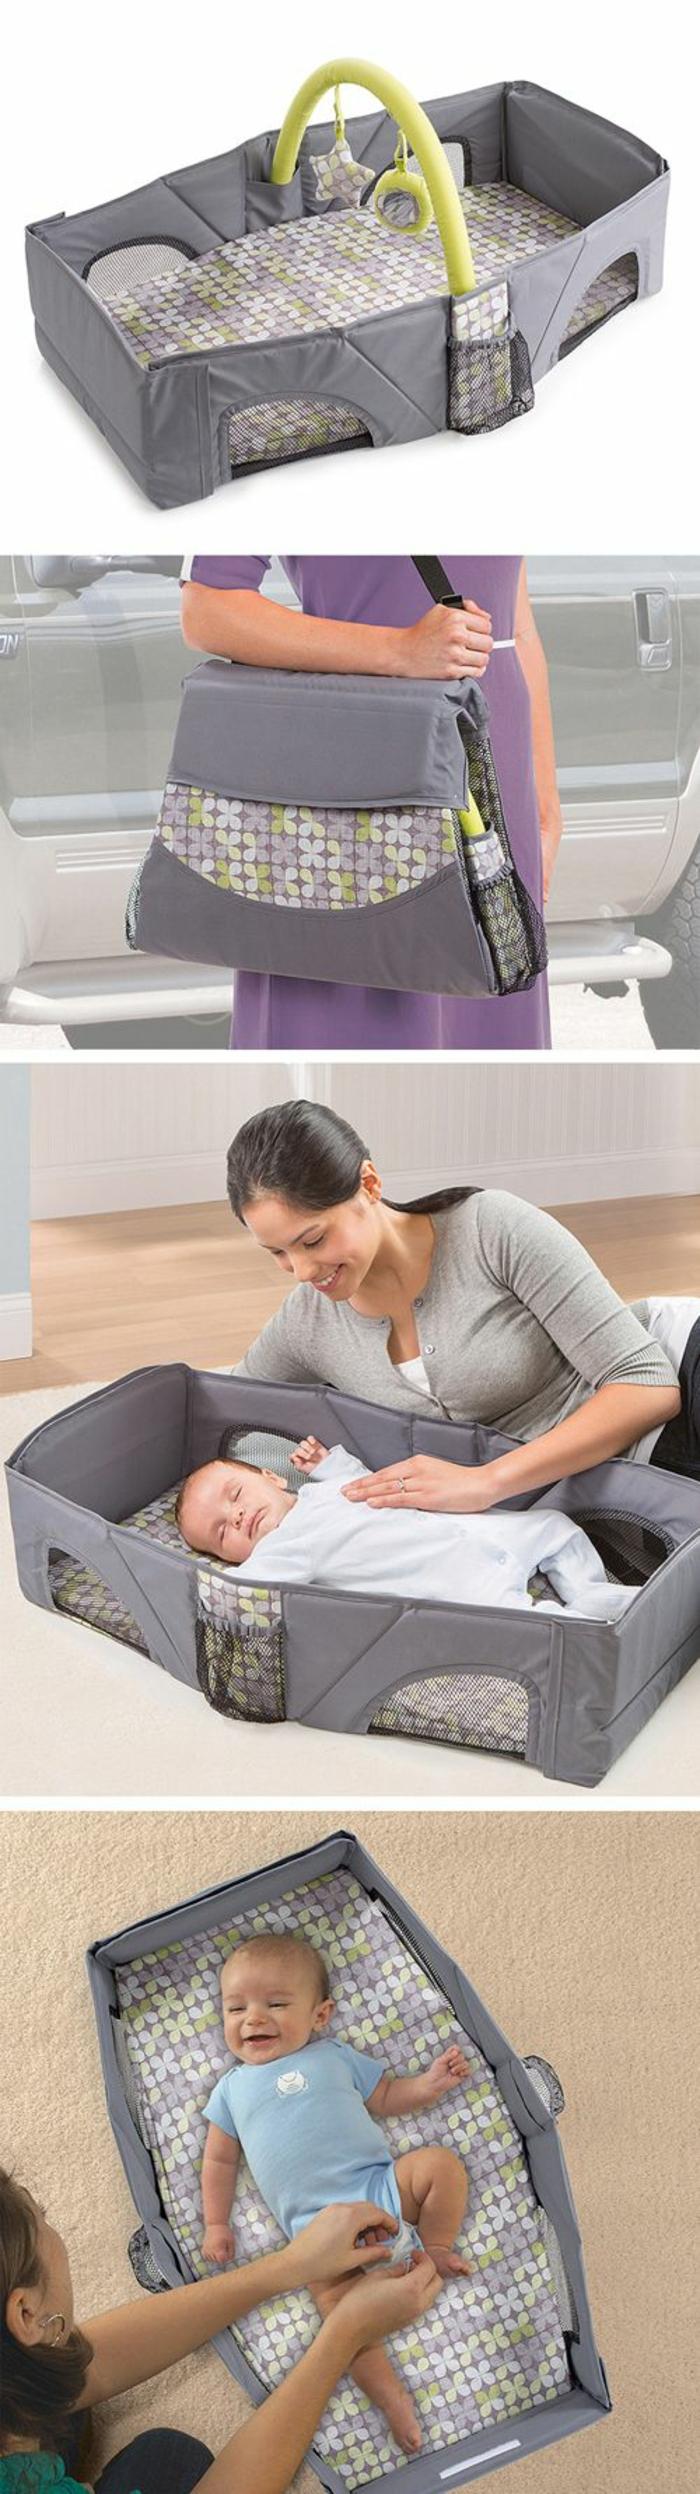 reisebett eine tolle l sung wenn sie mit ihrem baby unterwegs sind. Black Bedroom Furniture Sets. Home Design Ideas